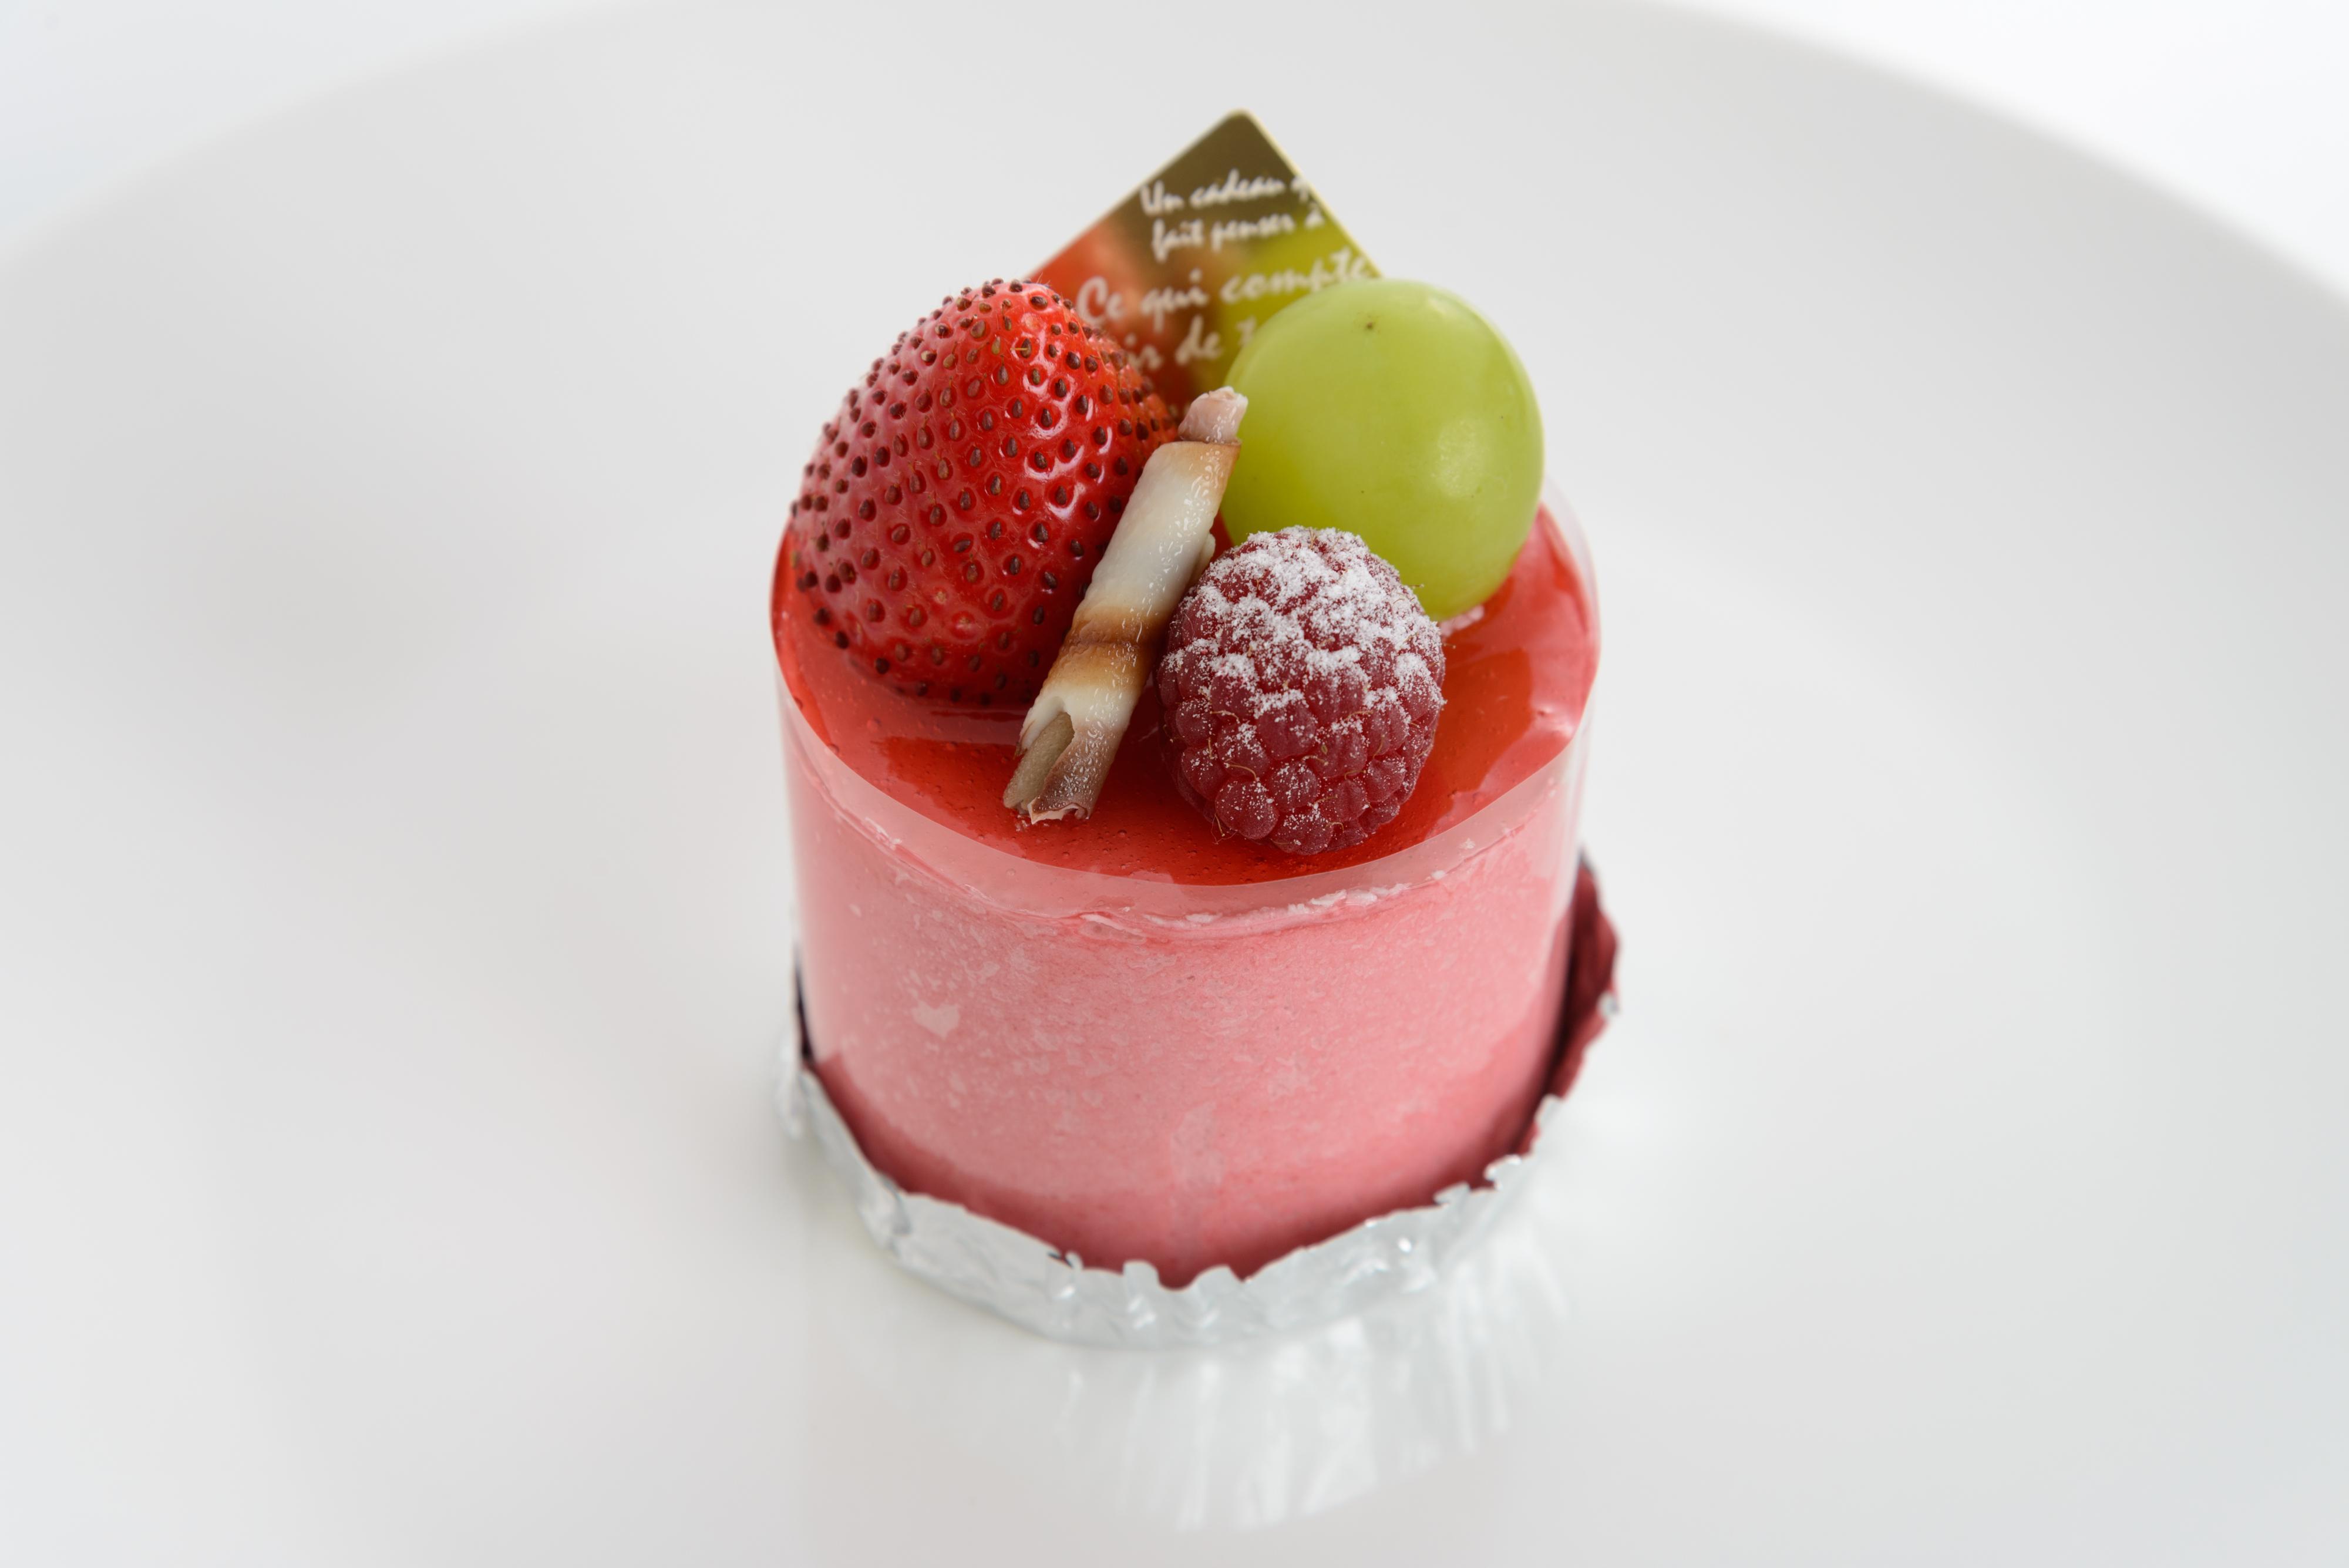 *モンブラン* ココアのロールケーキの上にカスタード・生クリーム・ラム酒の香るマロンクリームで仕上げています。